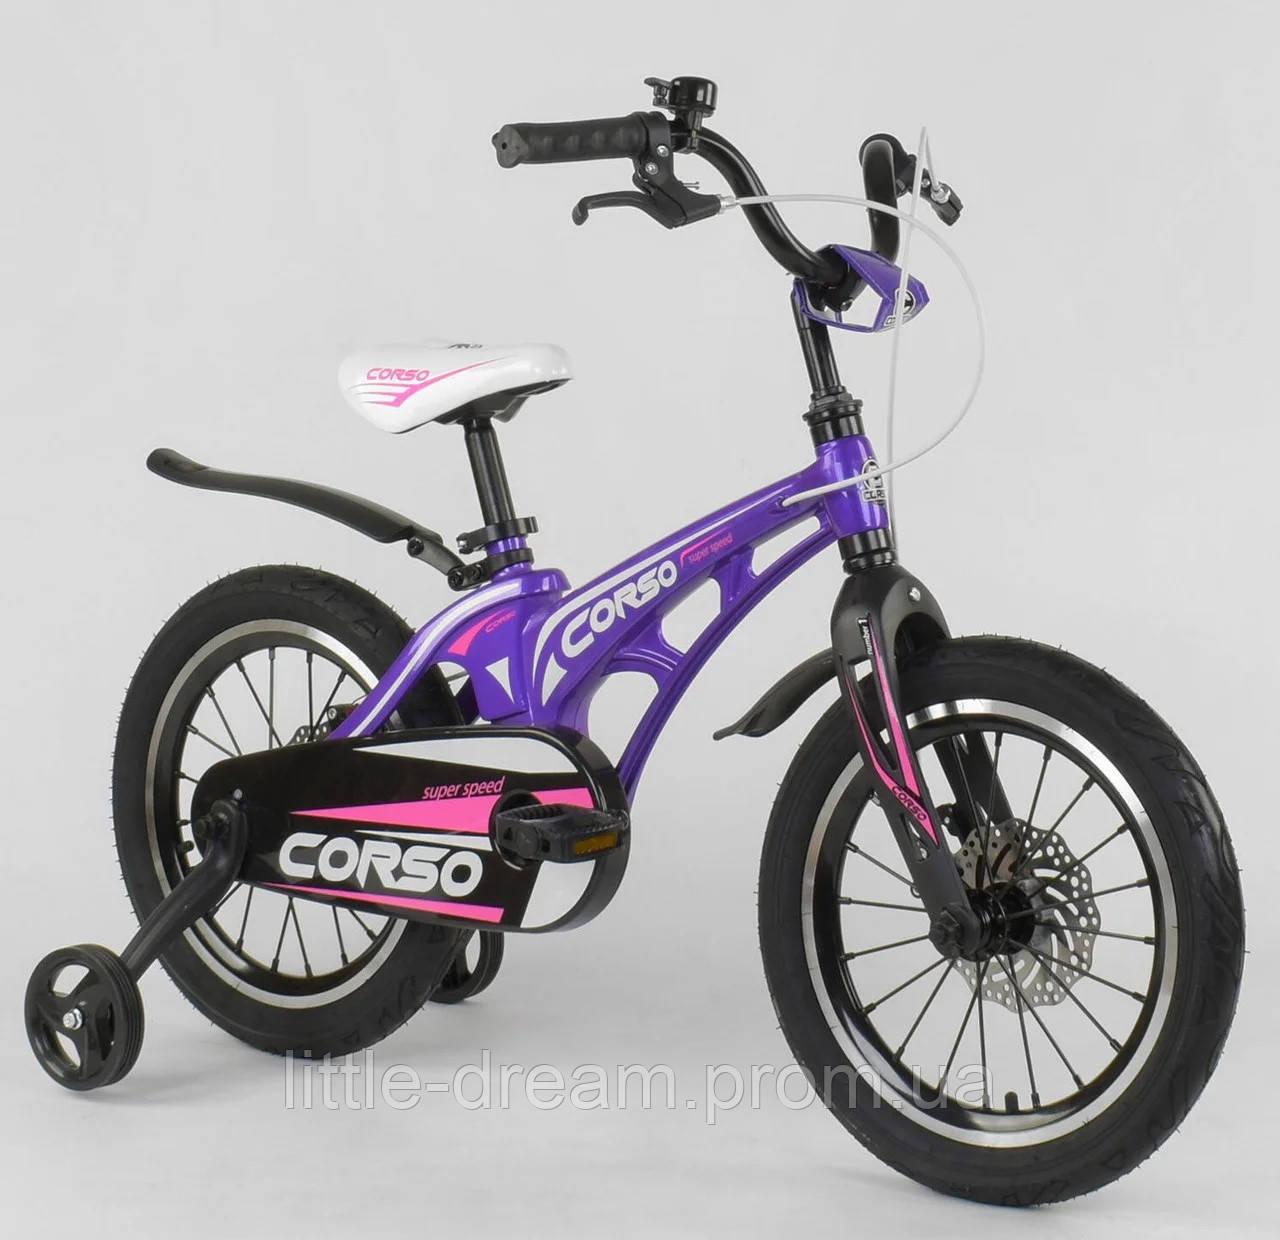 """Детский двухколёсный велосипед 16"""" магниевой рамой и алюминиевыми двойными дисками Corso MG-16 Y101 фиолетовый"""